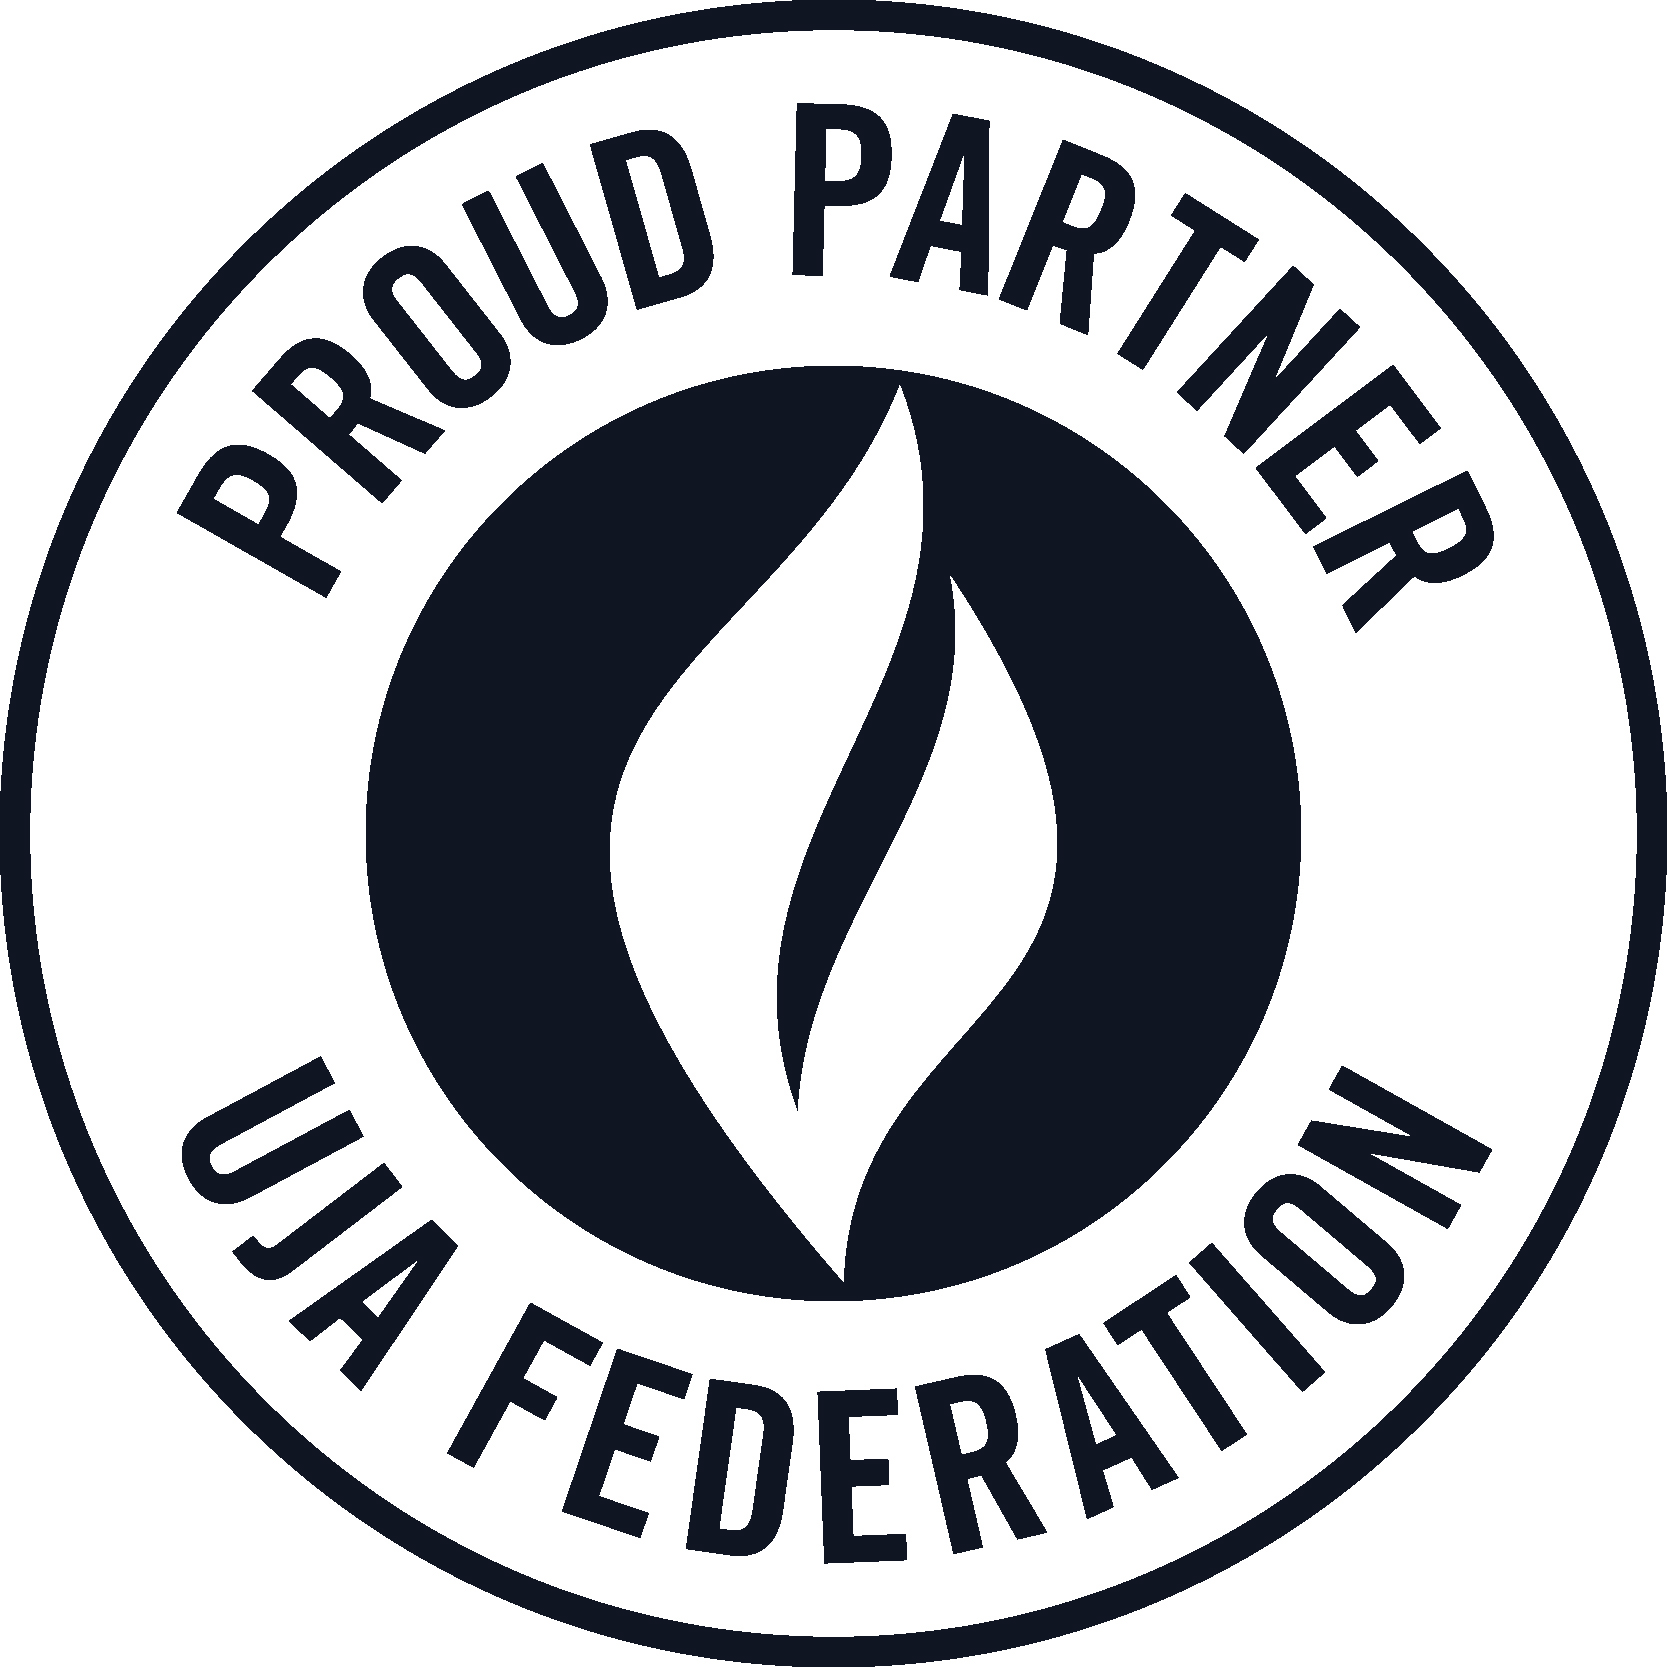 UJA_SoA_Proud_Partner_standard_CMYK_CS5 300dpi.jpg